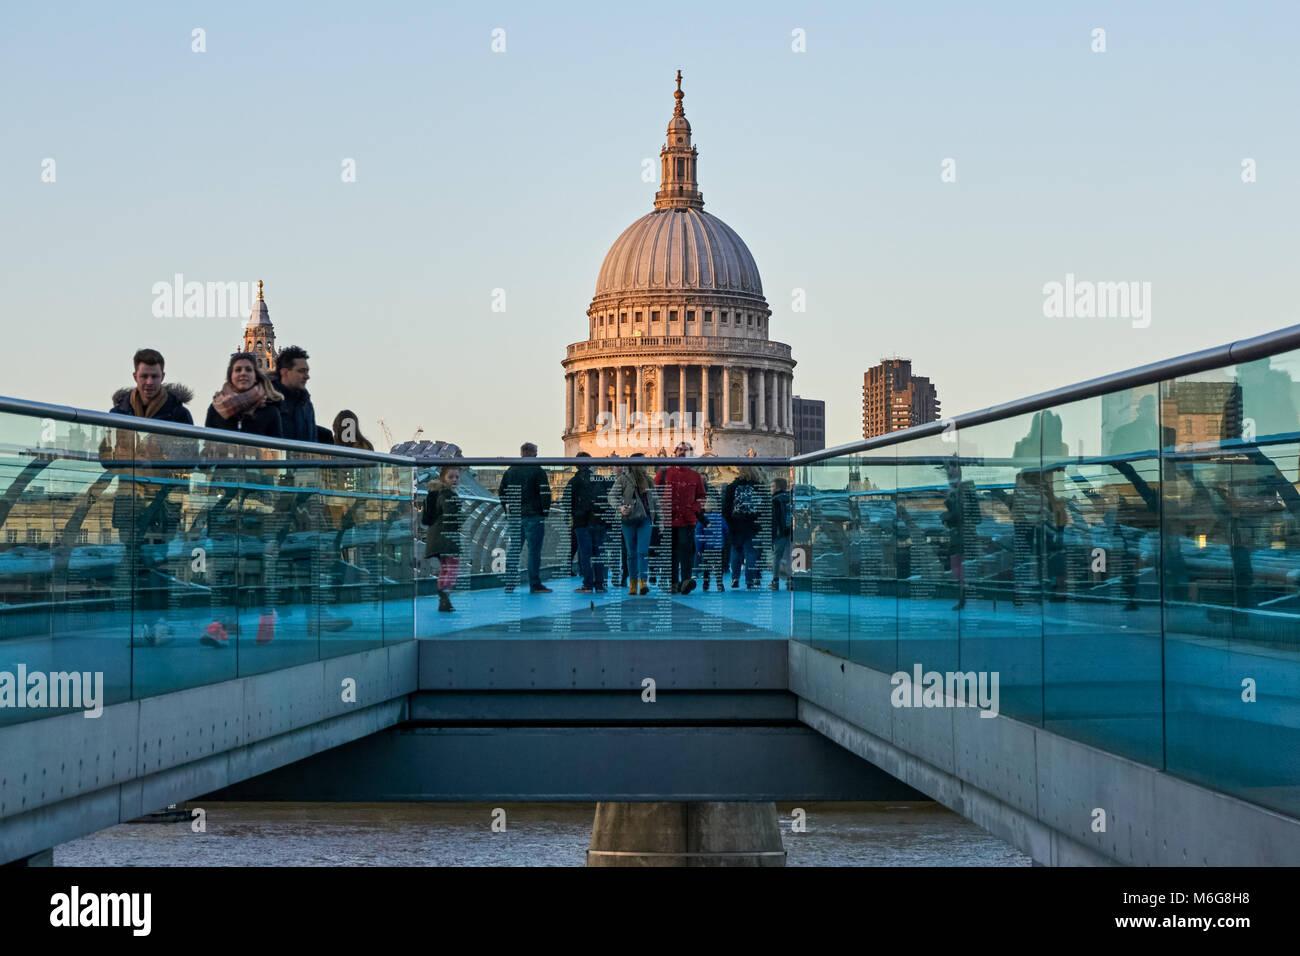 Die Leute auf der Millennium Bridge mit St. Paul's Kathedrale im Hintergrund, London England United Kingdom Stockbild